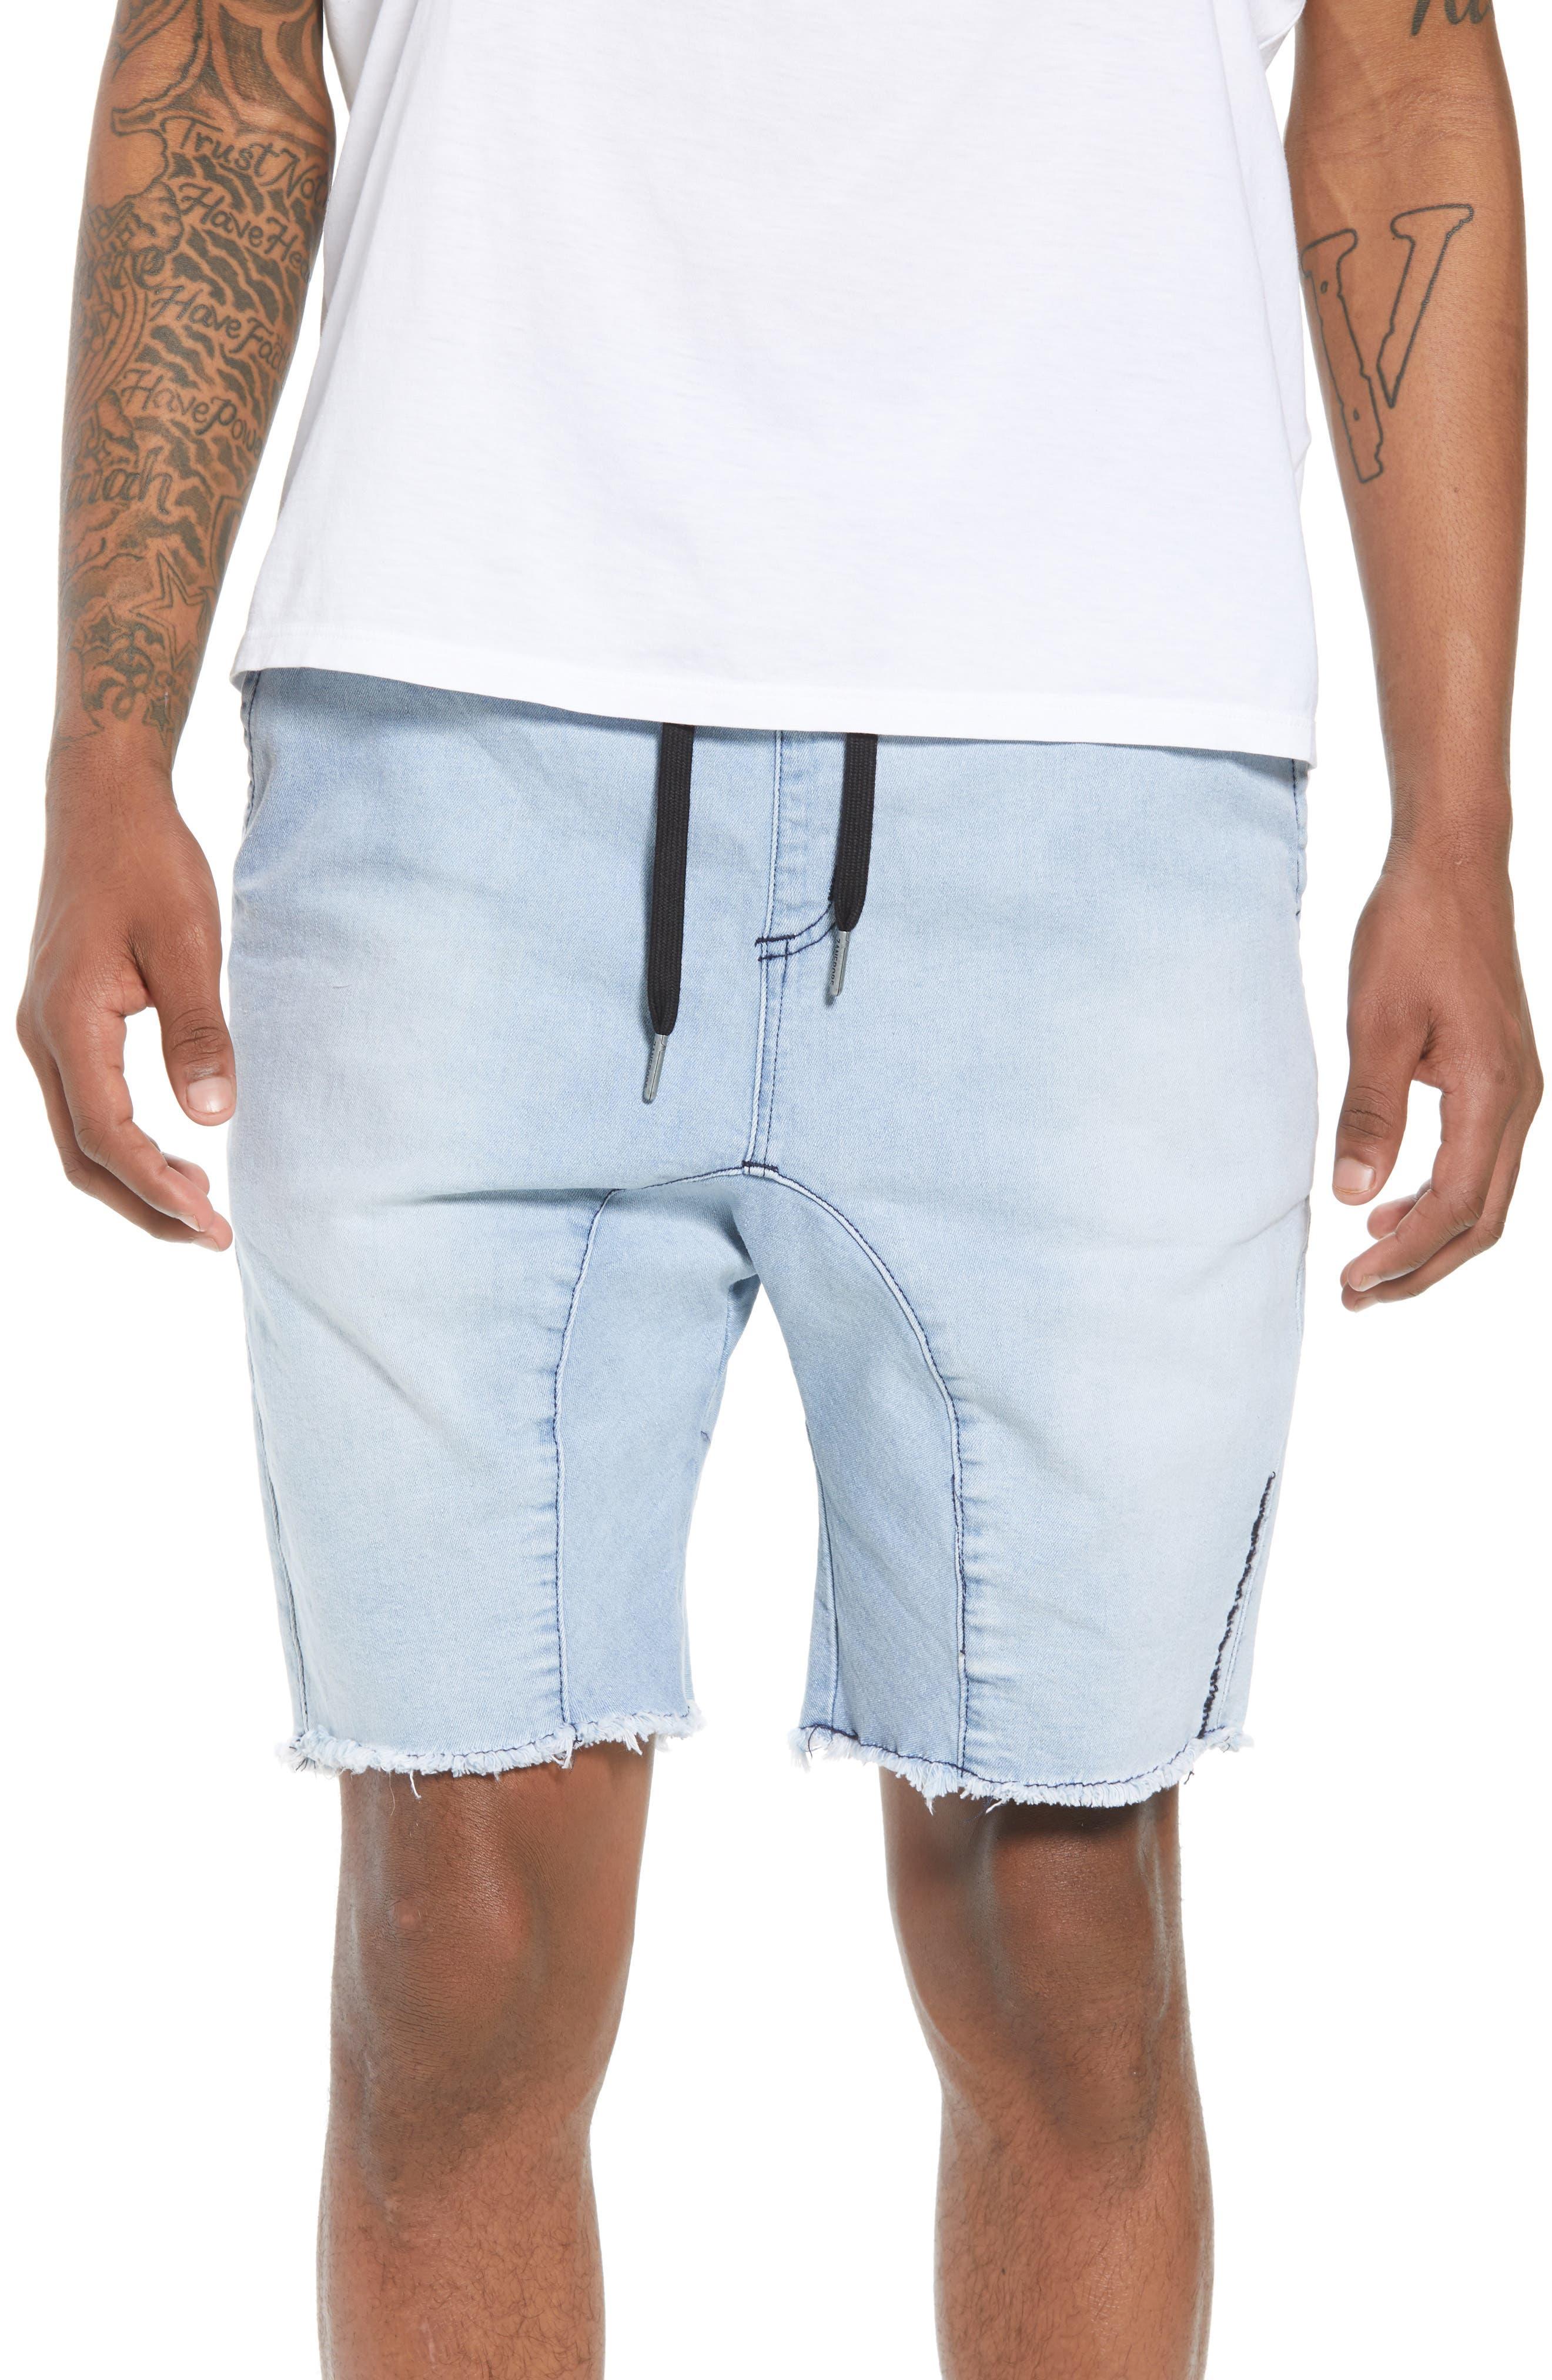 Alternate Image 1 Selected - ZANEROBE Sureshot Chino Shorts